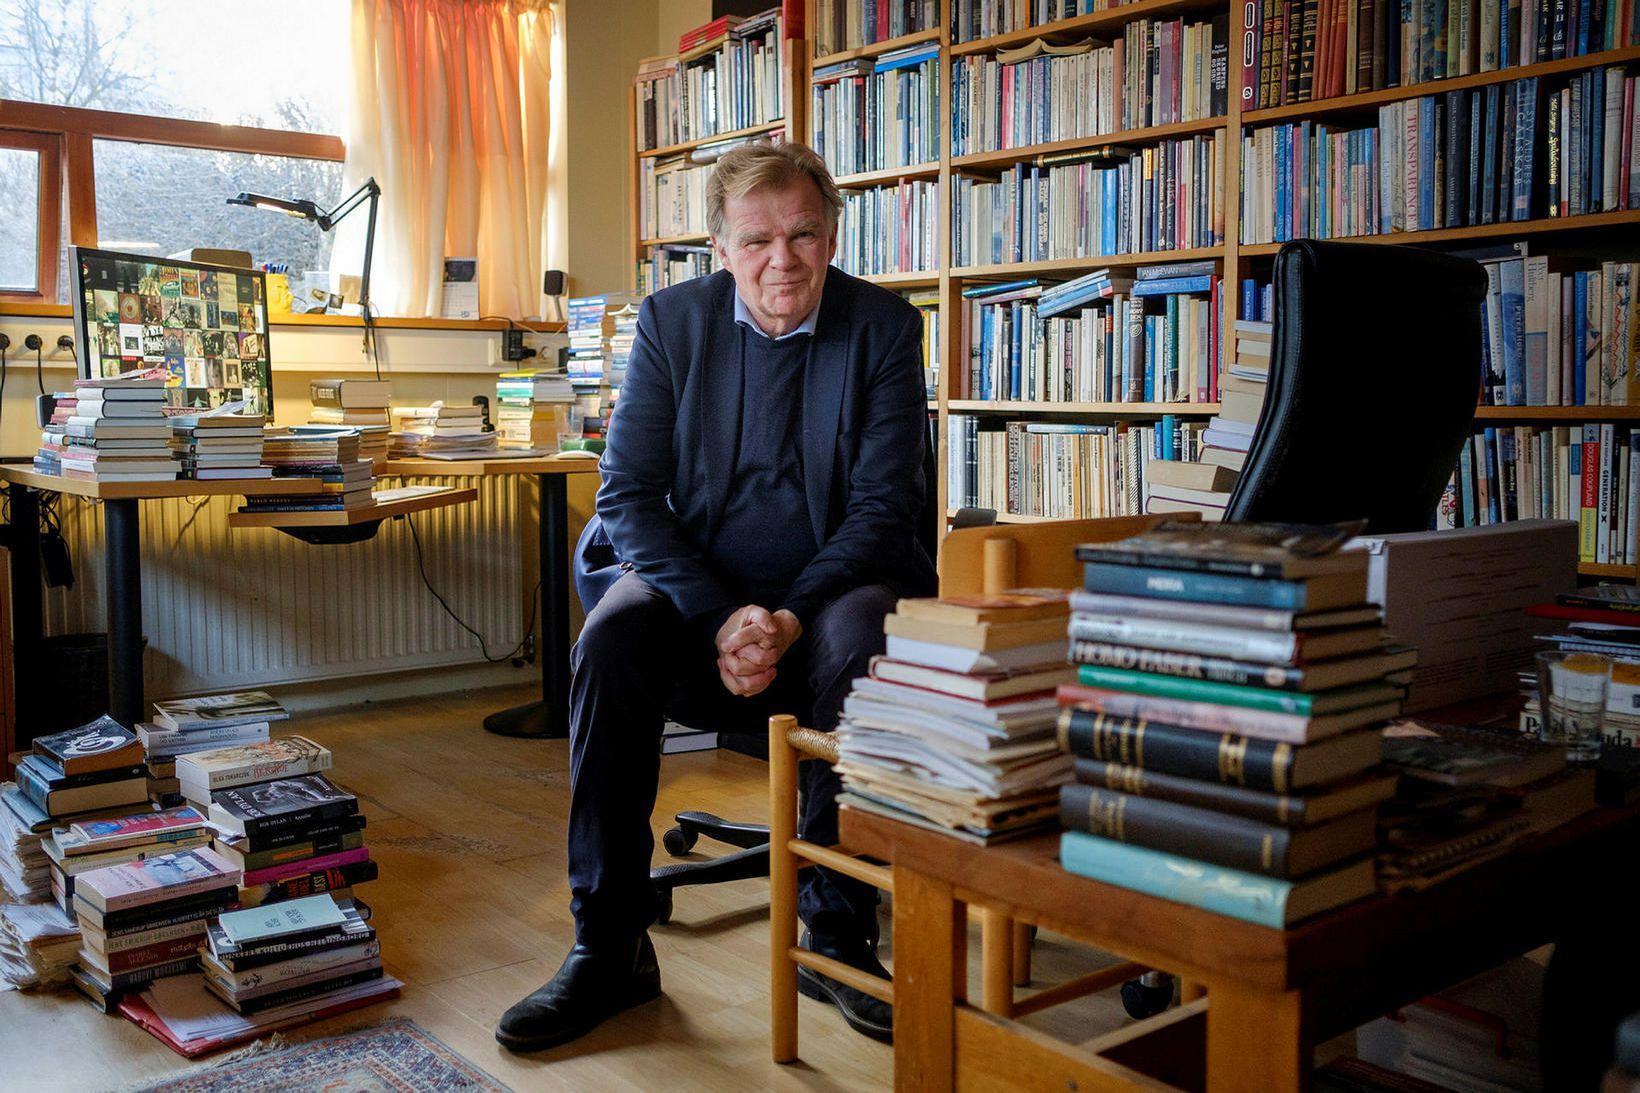 Einar Már Guðmundsson rithöfundur á vinnustofu sinni í Grafarvoginum.